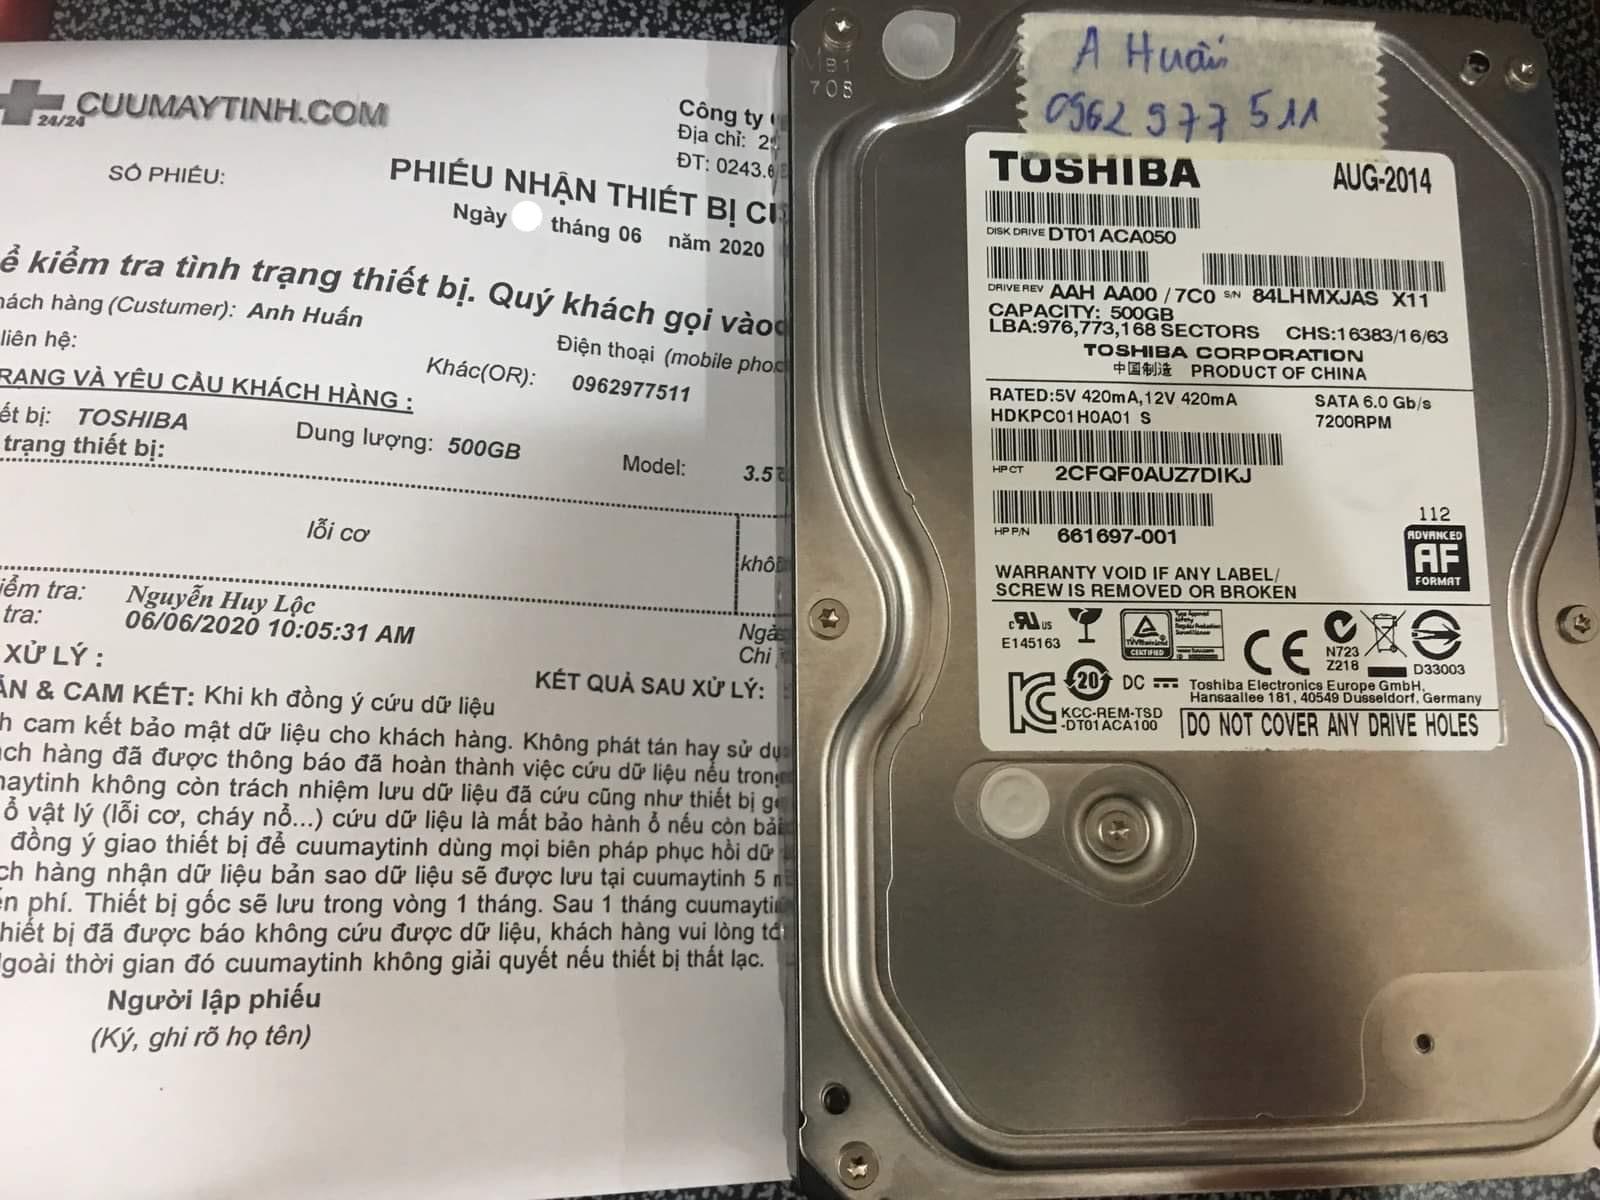 Cứu dữ liệu ổ cứng Toshiba 500GB lỗi cơ 10/06/2020 - cuumaytinh